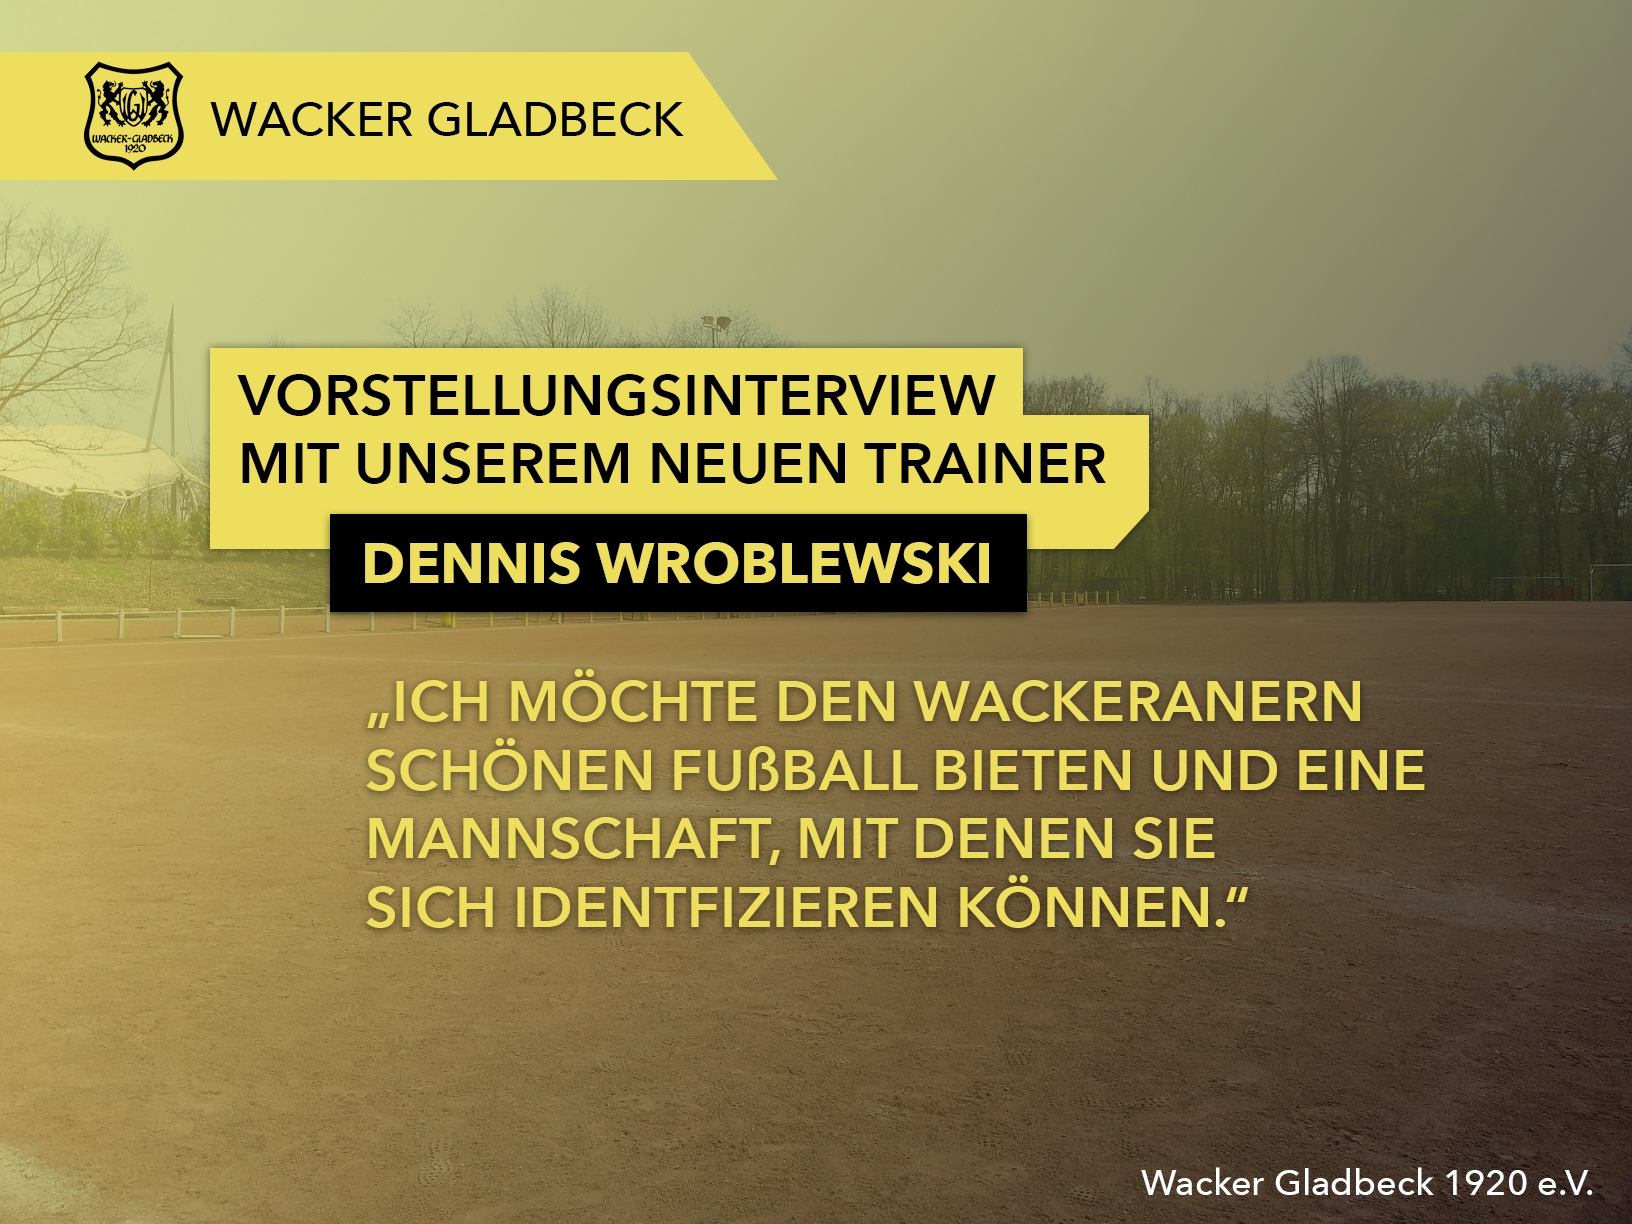 Wacker Gladbeck - Neuer Trainer unserer 1. Mannschaft - Interview mit Dennis Wroblewski